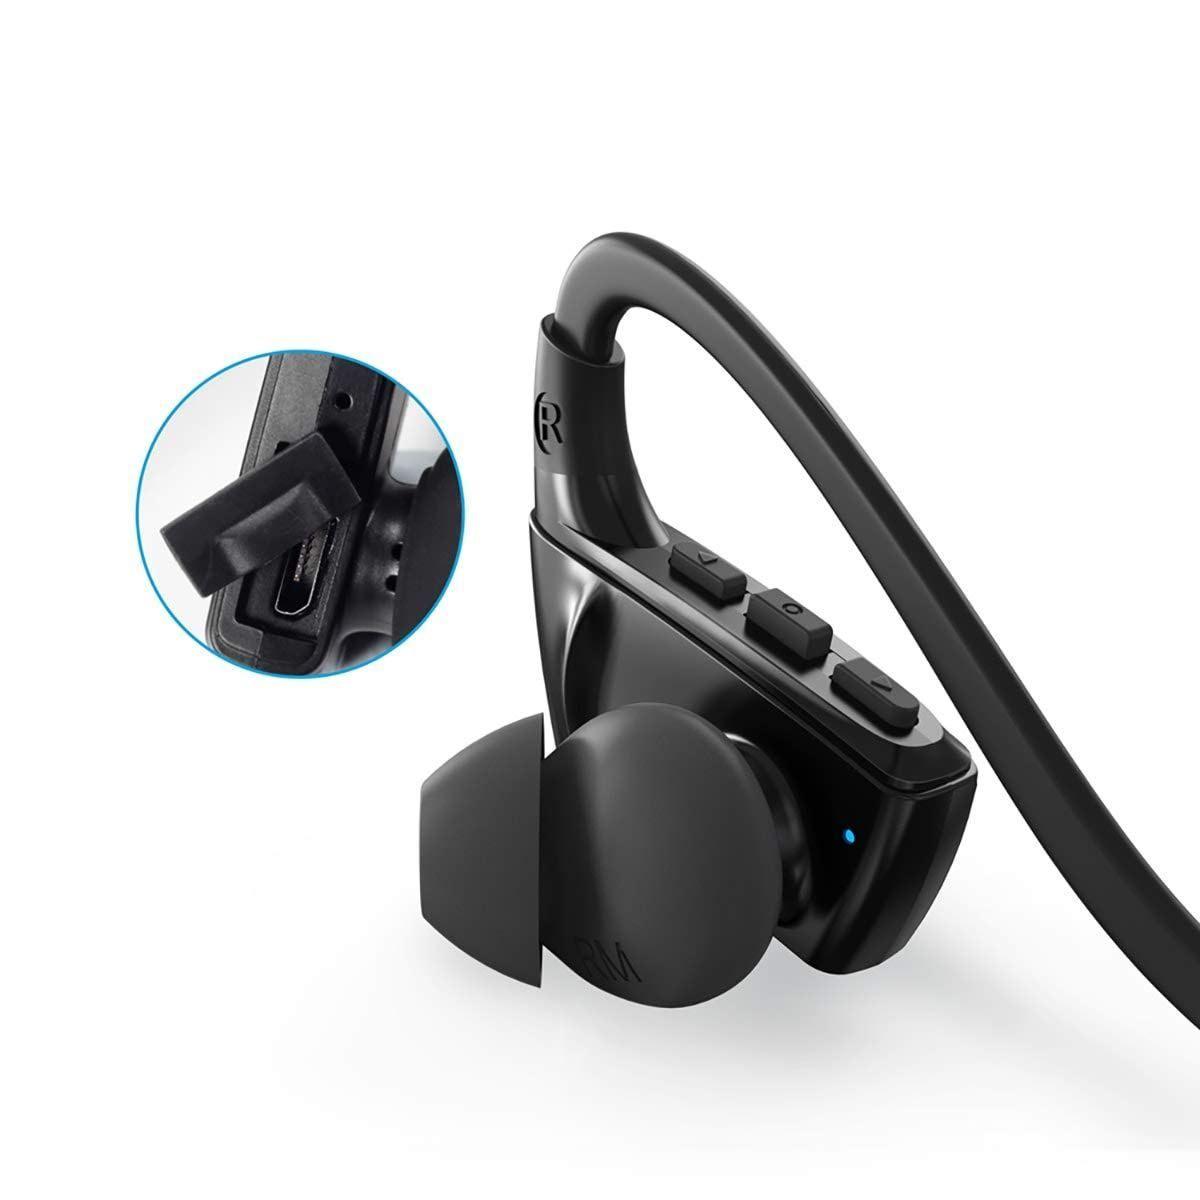 Best True Wireless Earbuds Under 100 Dollars Earbuds Wireless Earbuds Headphones